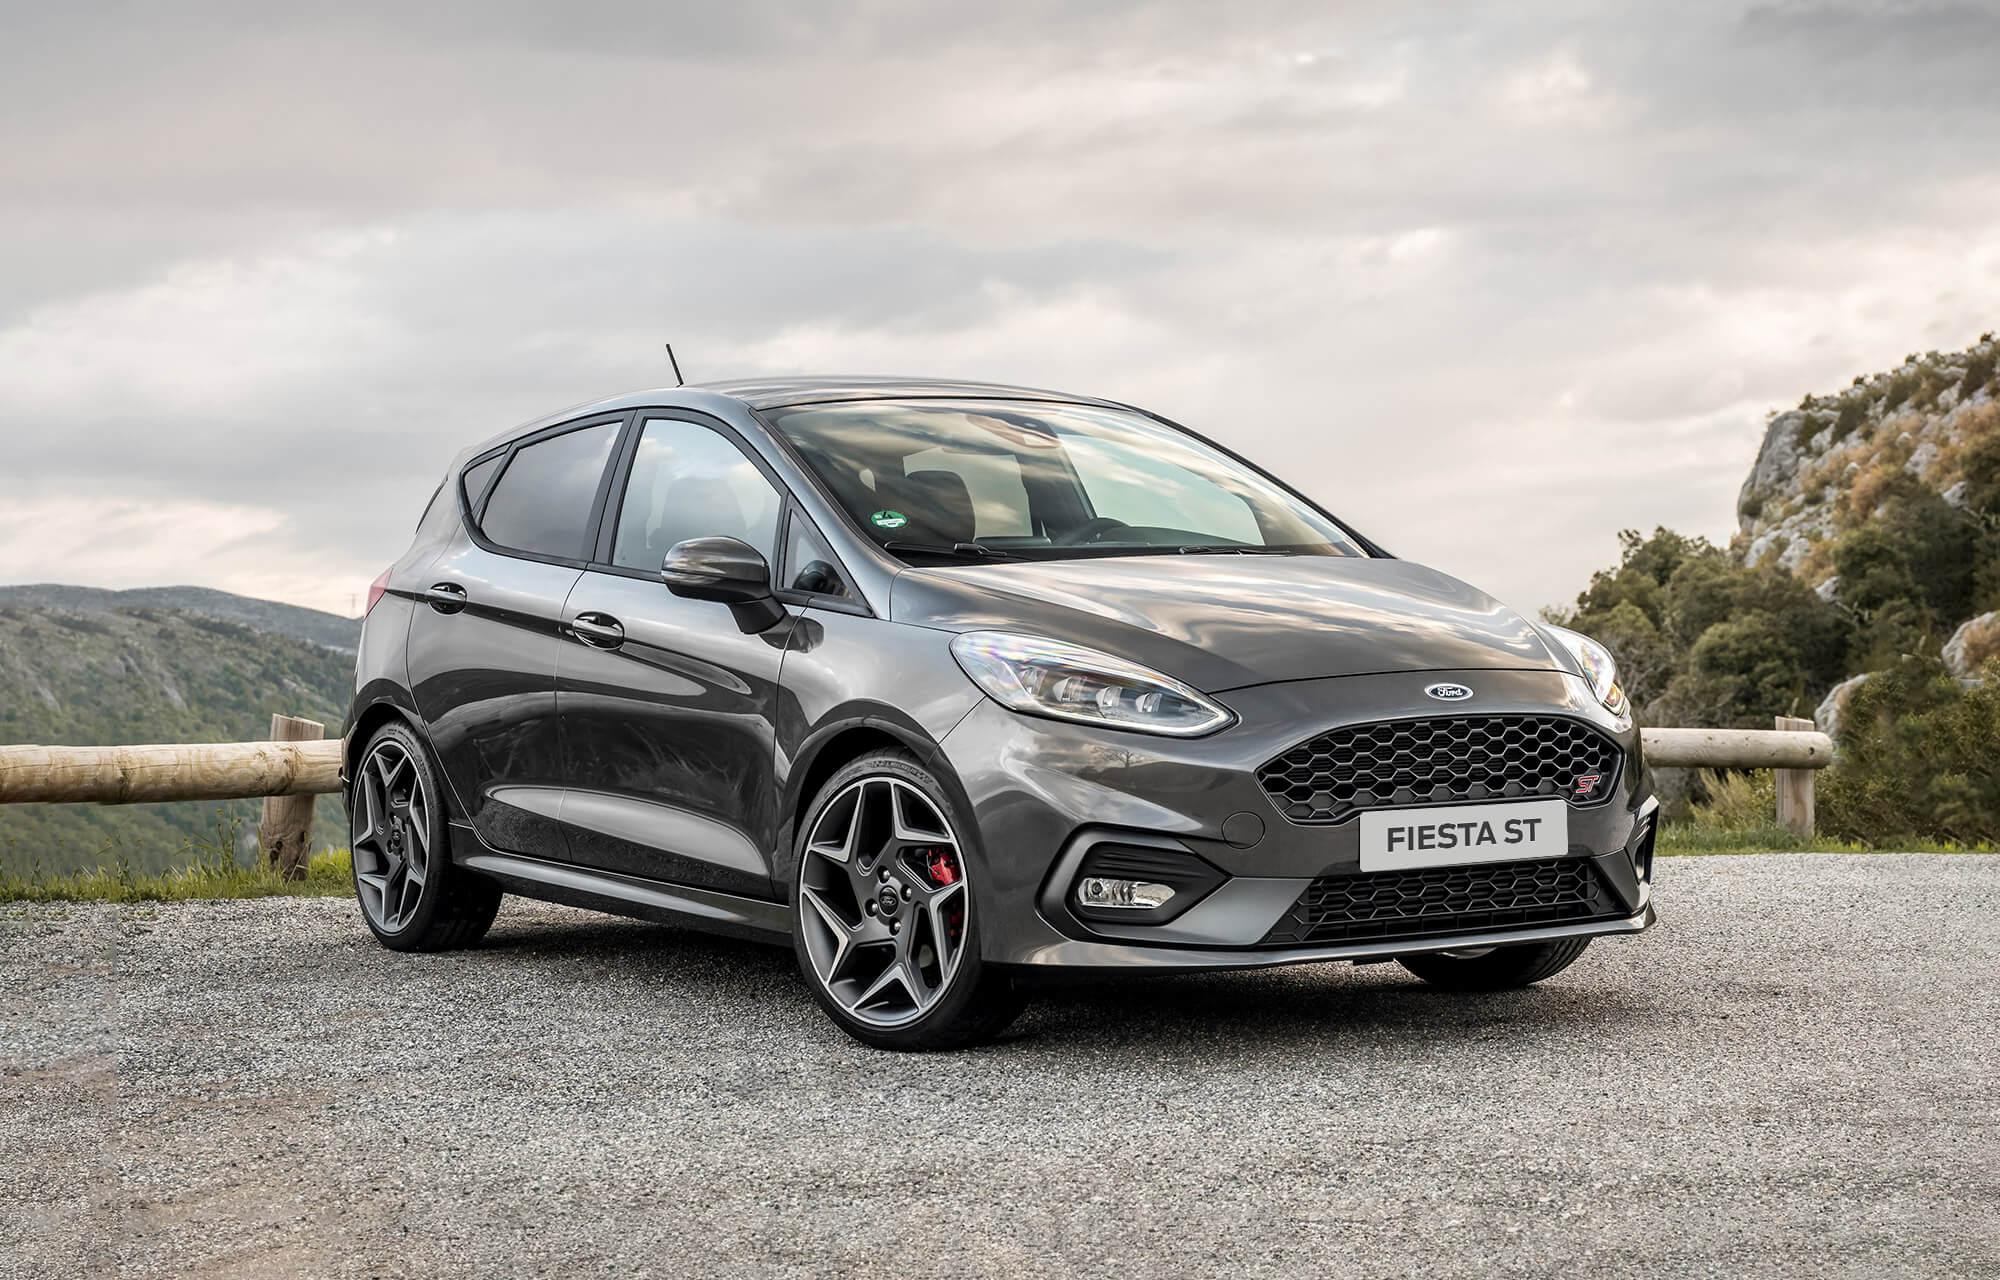 Nieuwe Ford Fiesta ST prijzen bekend